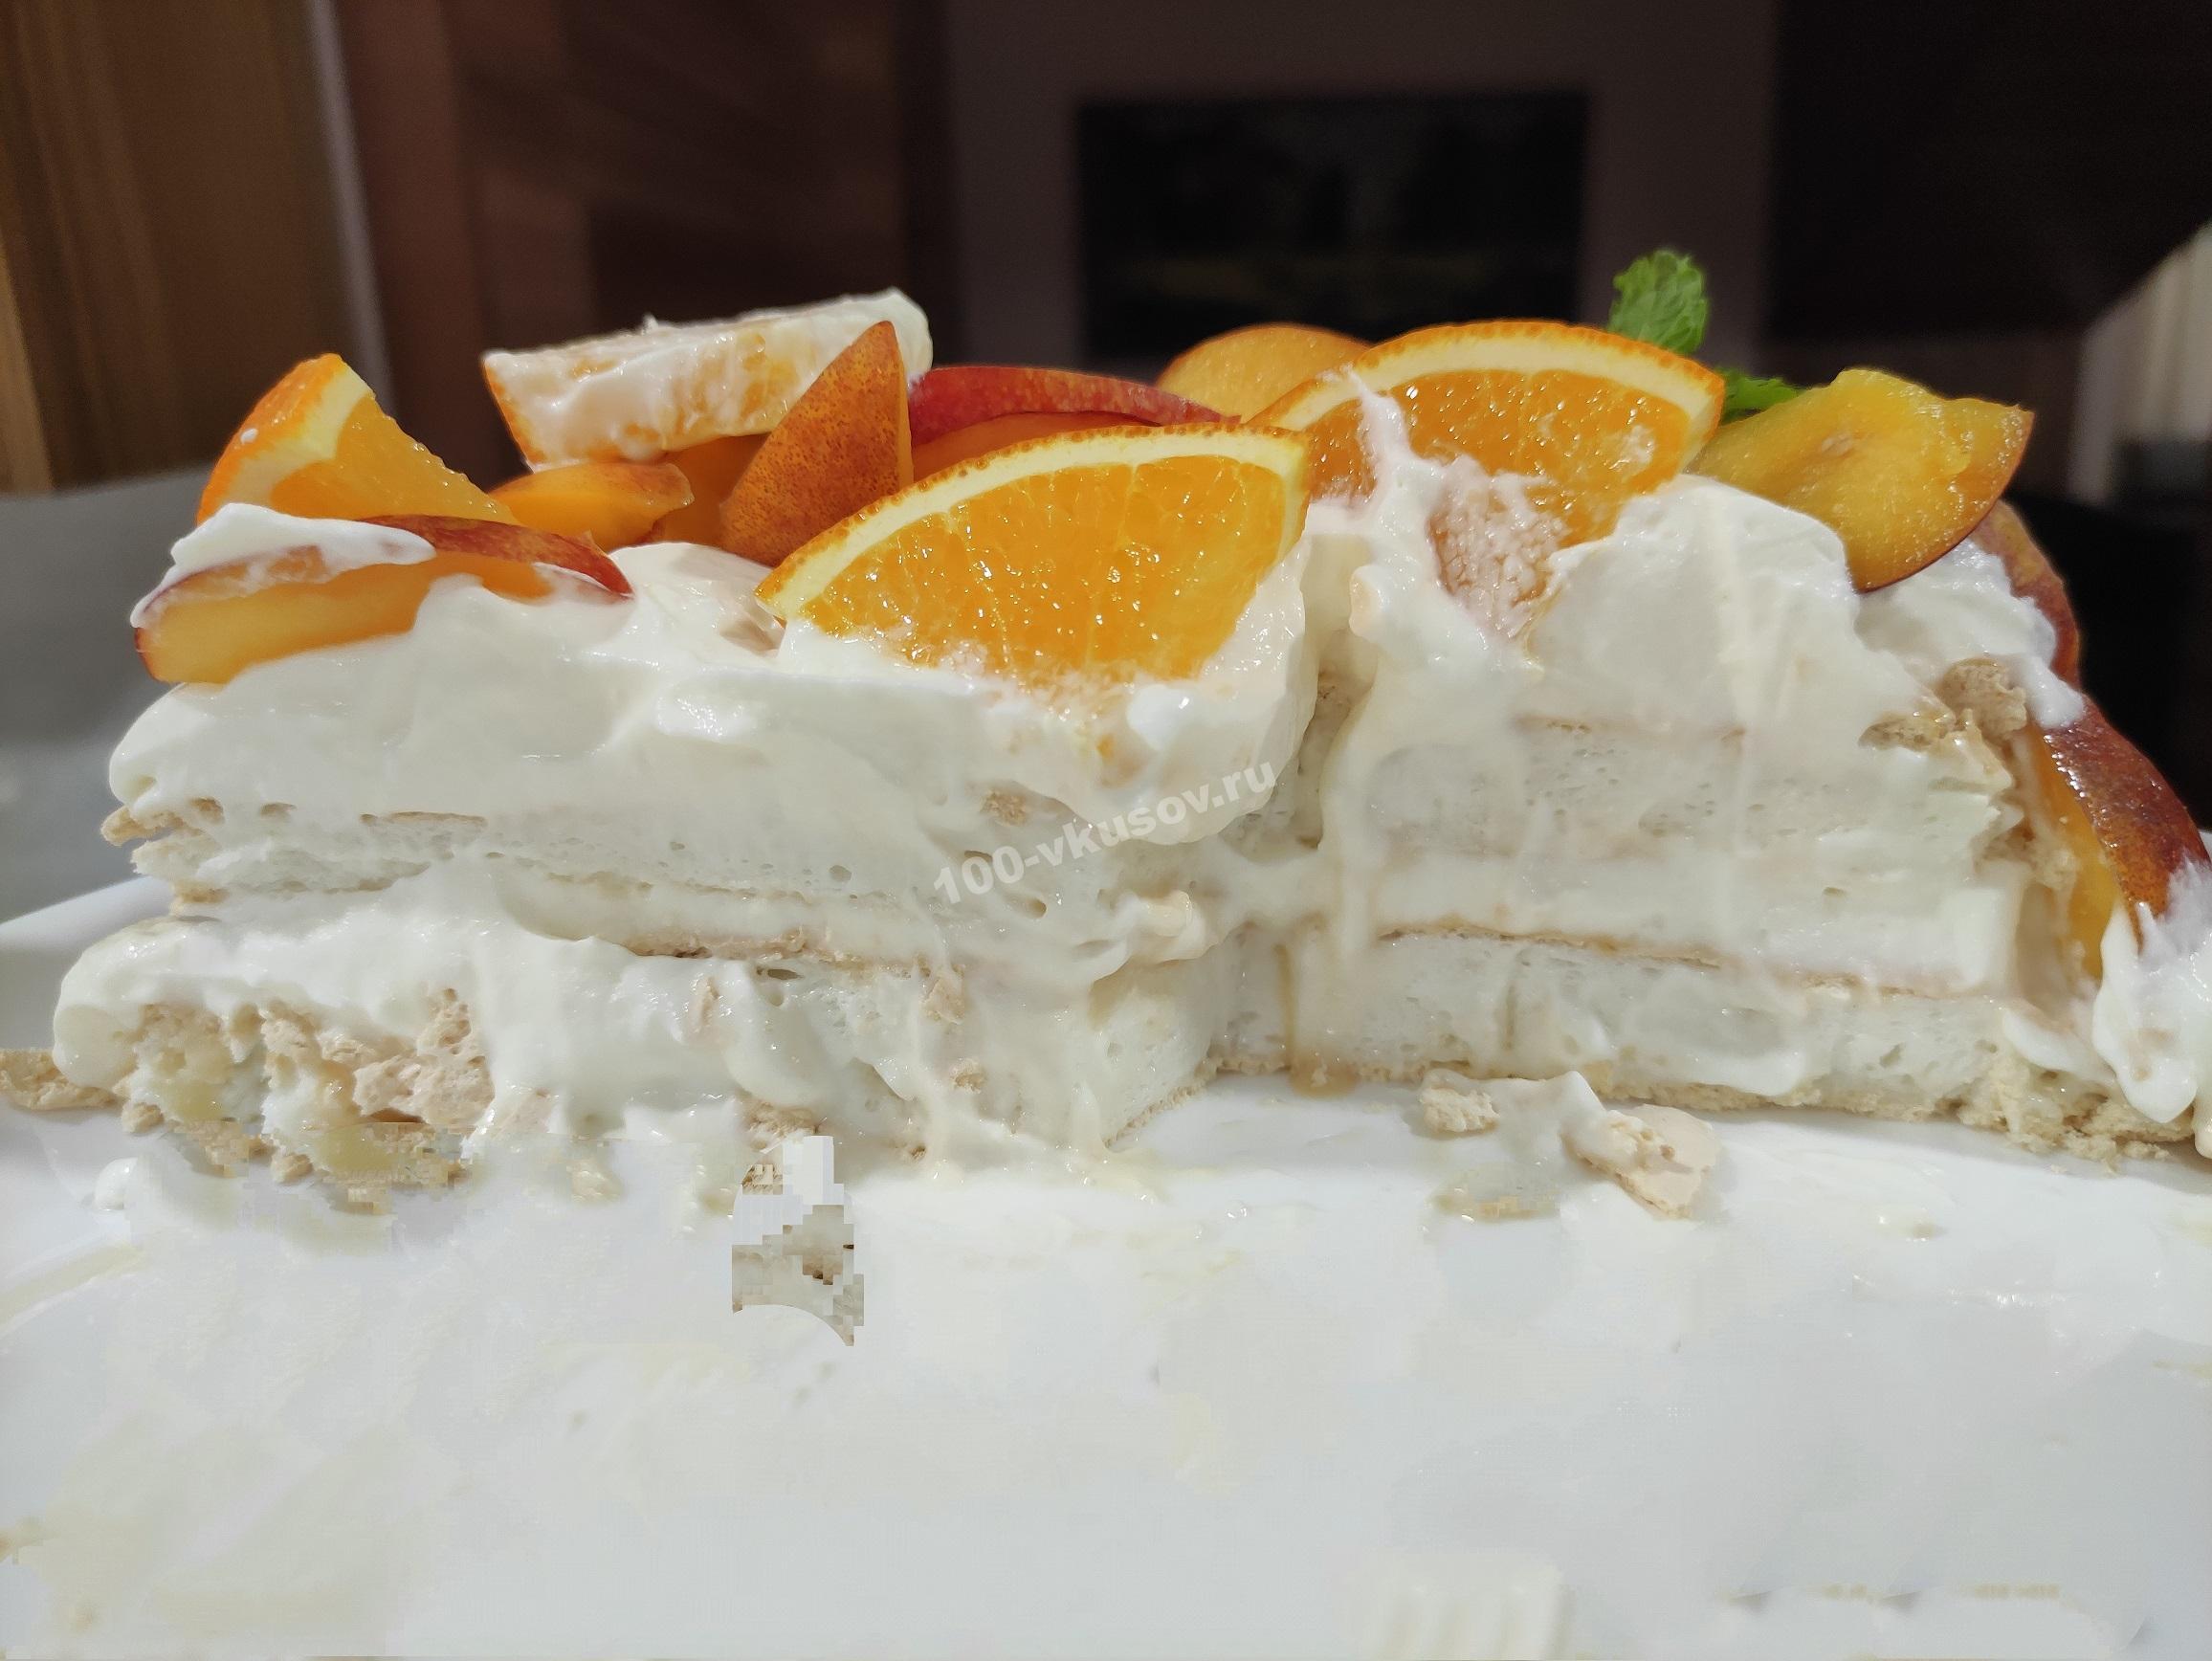 Торт Анна Павлова в разрезе